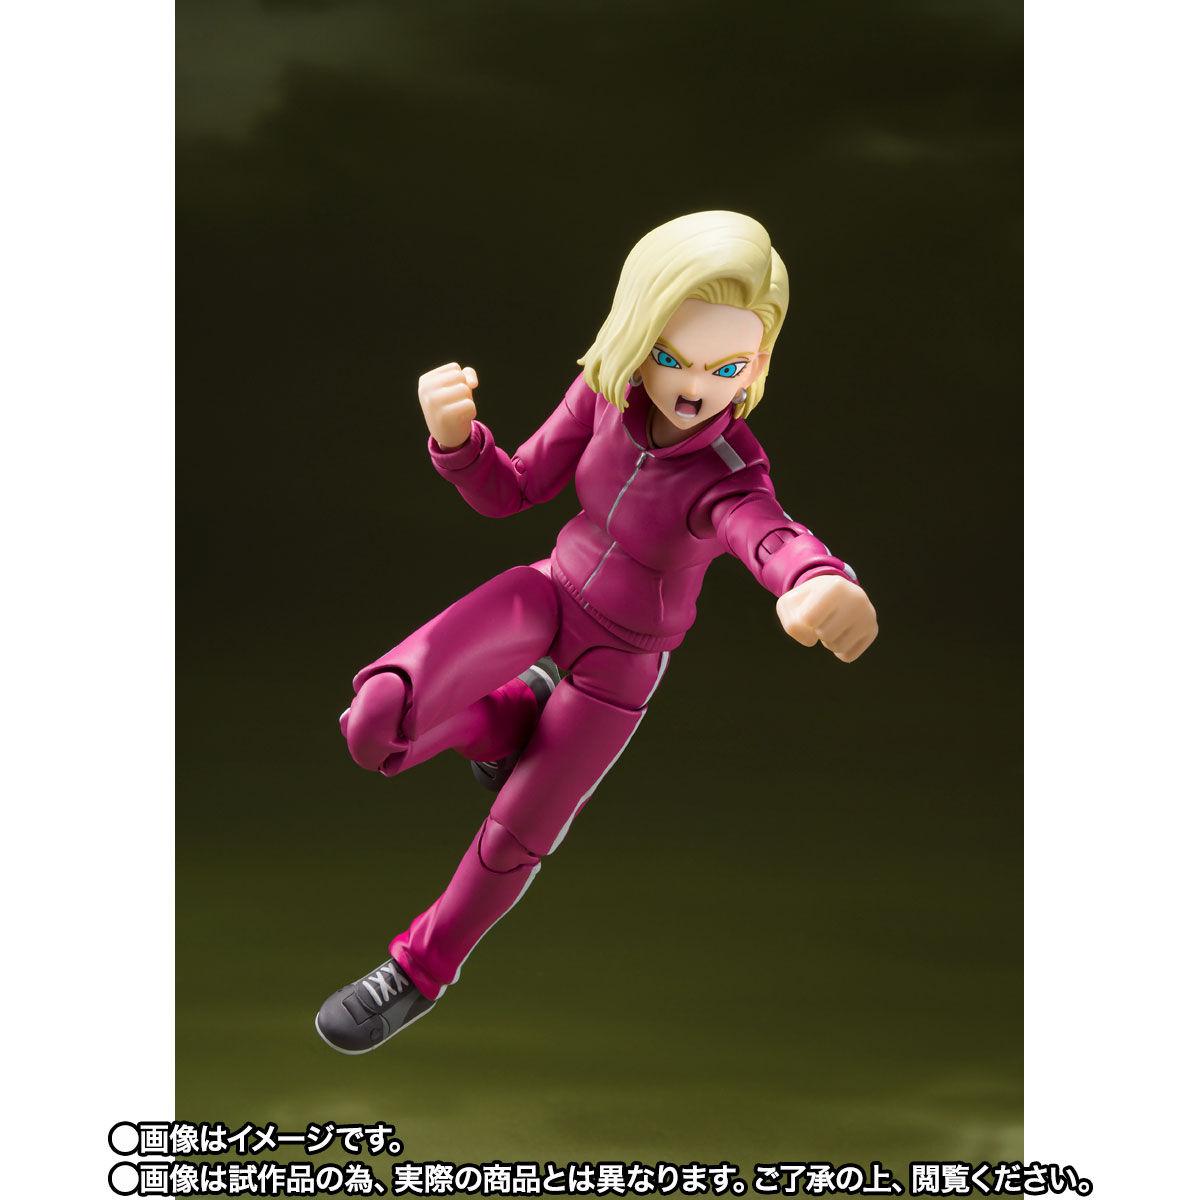 【限定販売】S.H.Figuarts『人造人間18号-宇宙サバイバル編-』ドラゴンボール超 可動フィギュア-003